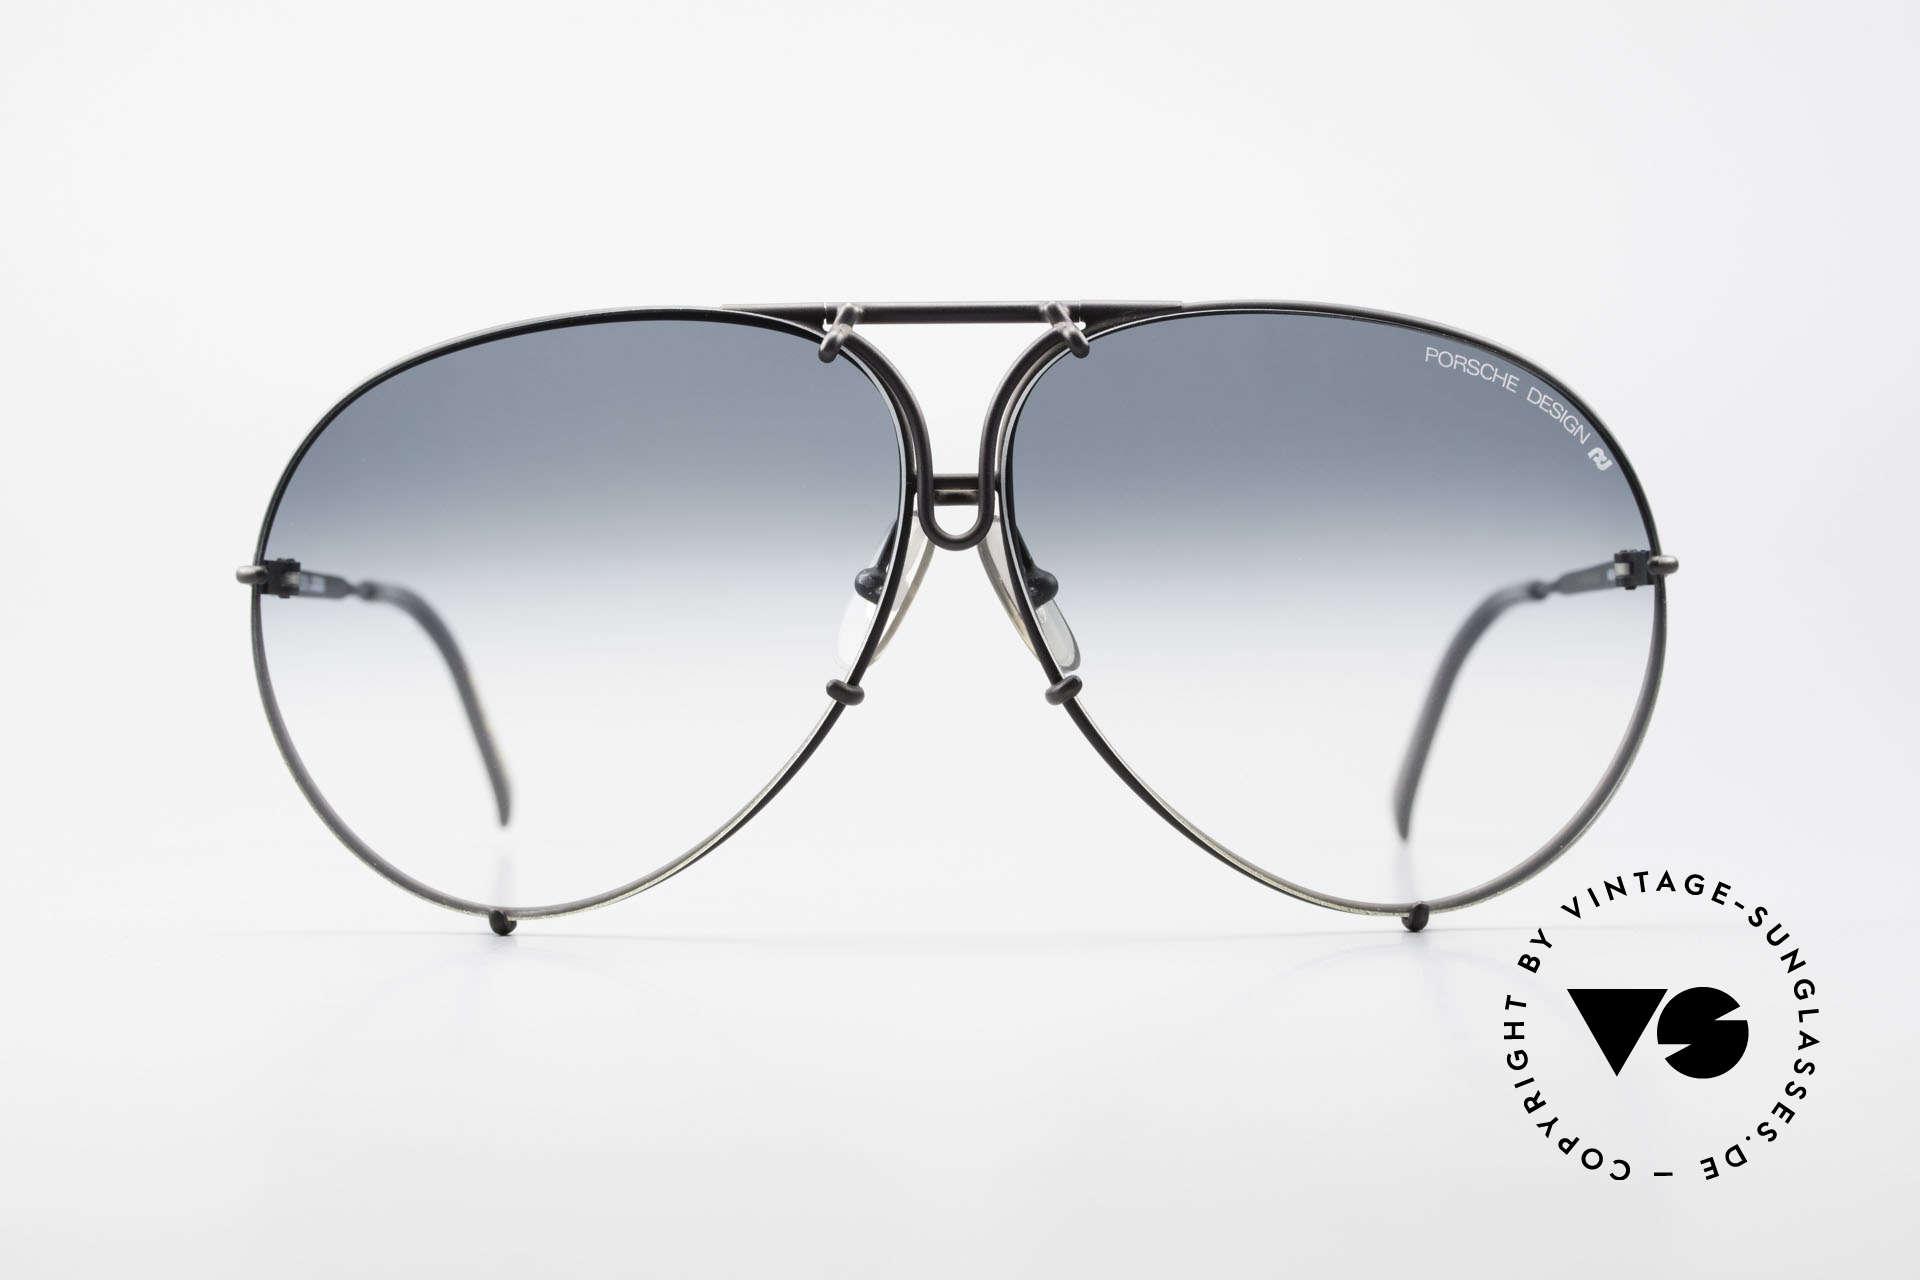 Porsche 5621 Alte 80er Aviator Sonnenbrille, ein echter Sonnenbrillen-Klassiker in mattschwarz, Passend für Herren